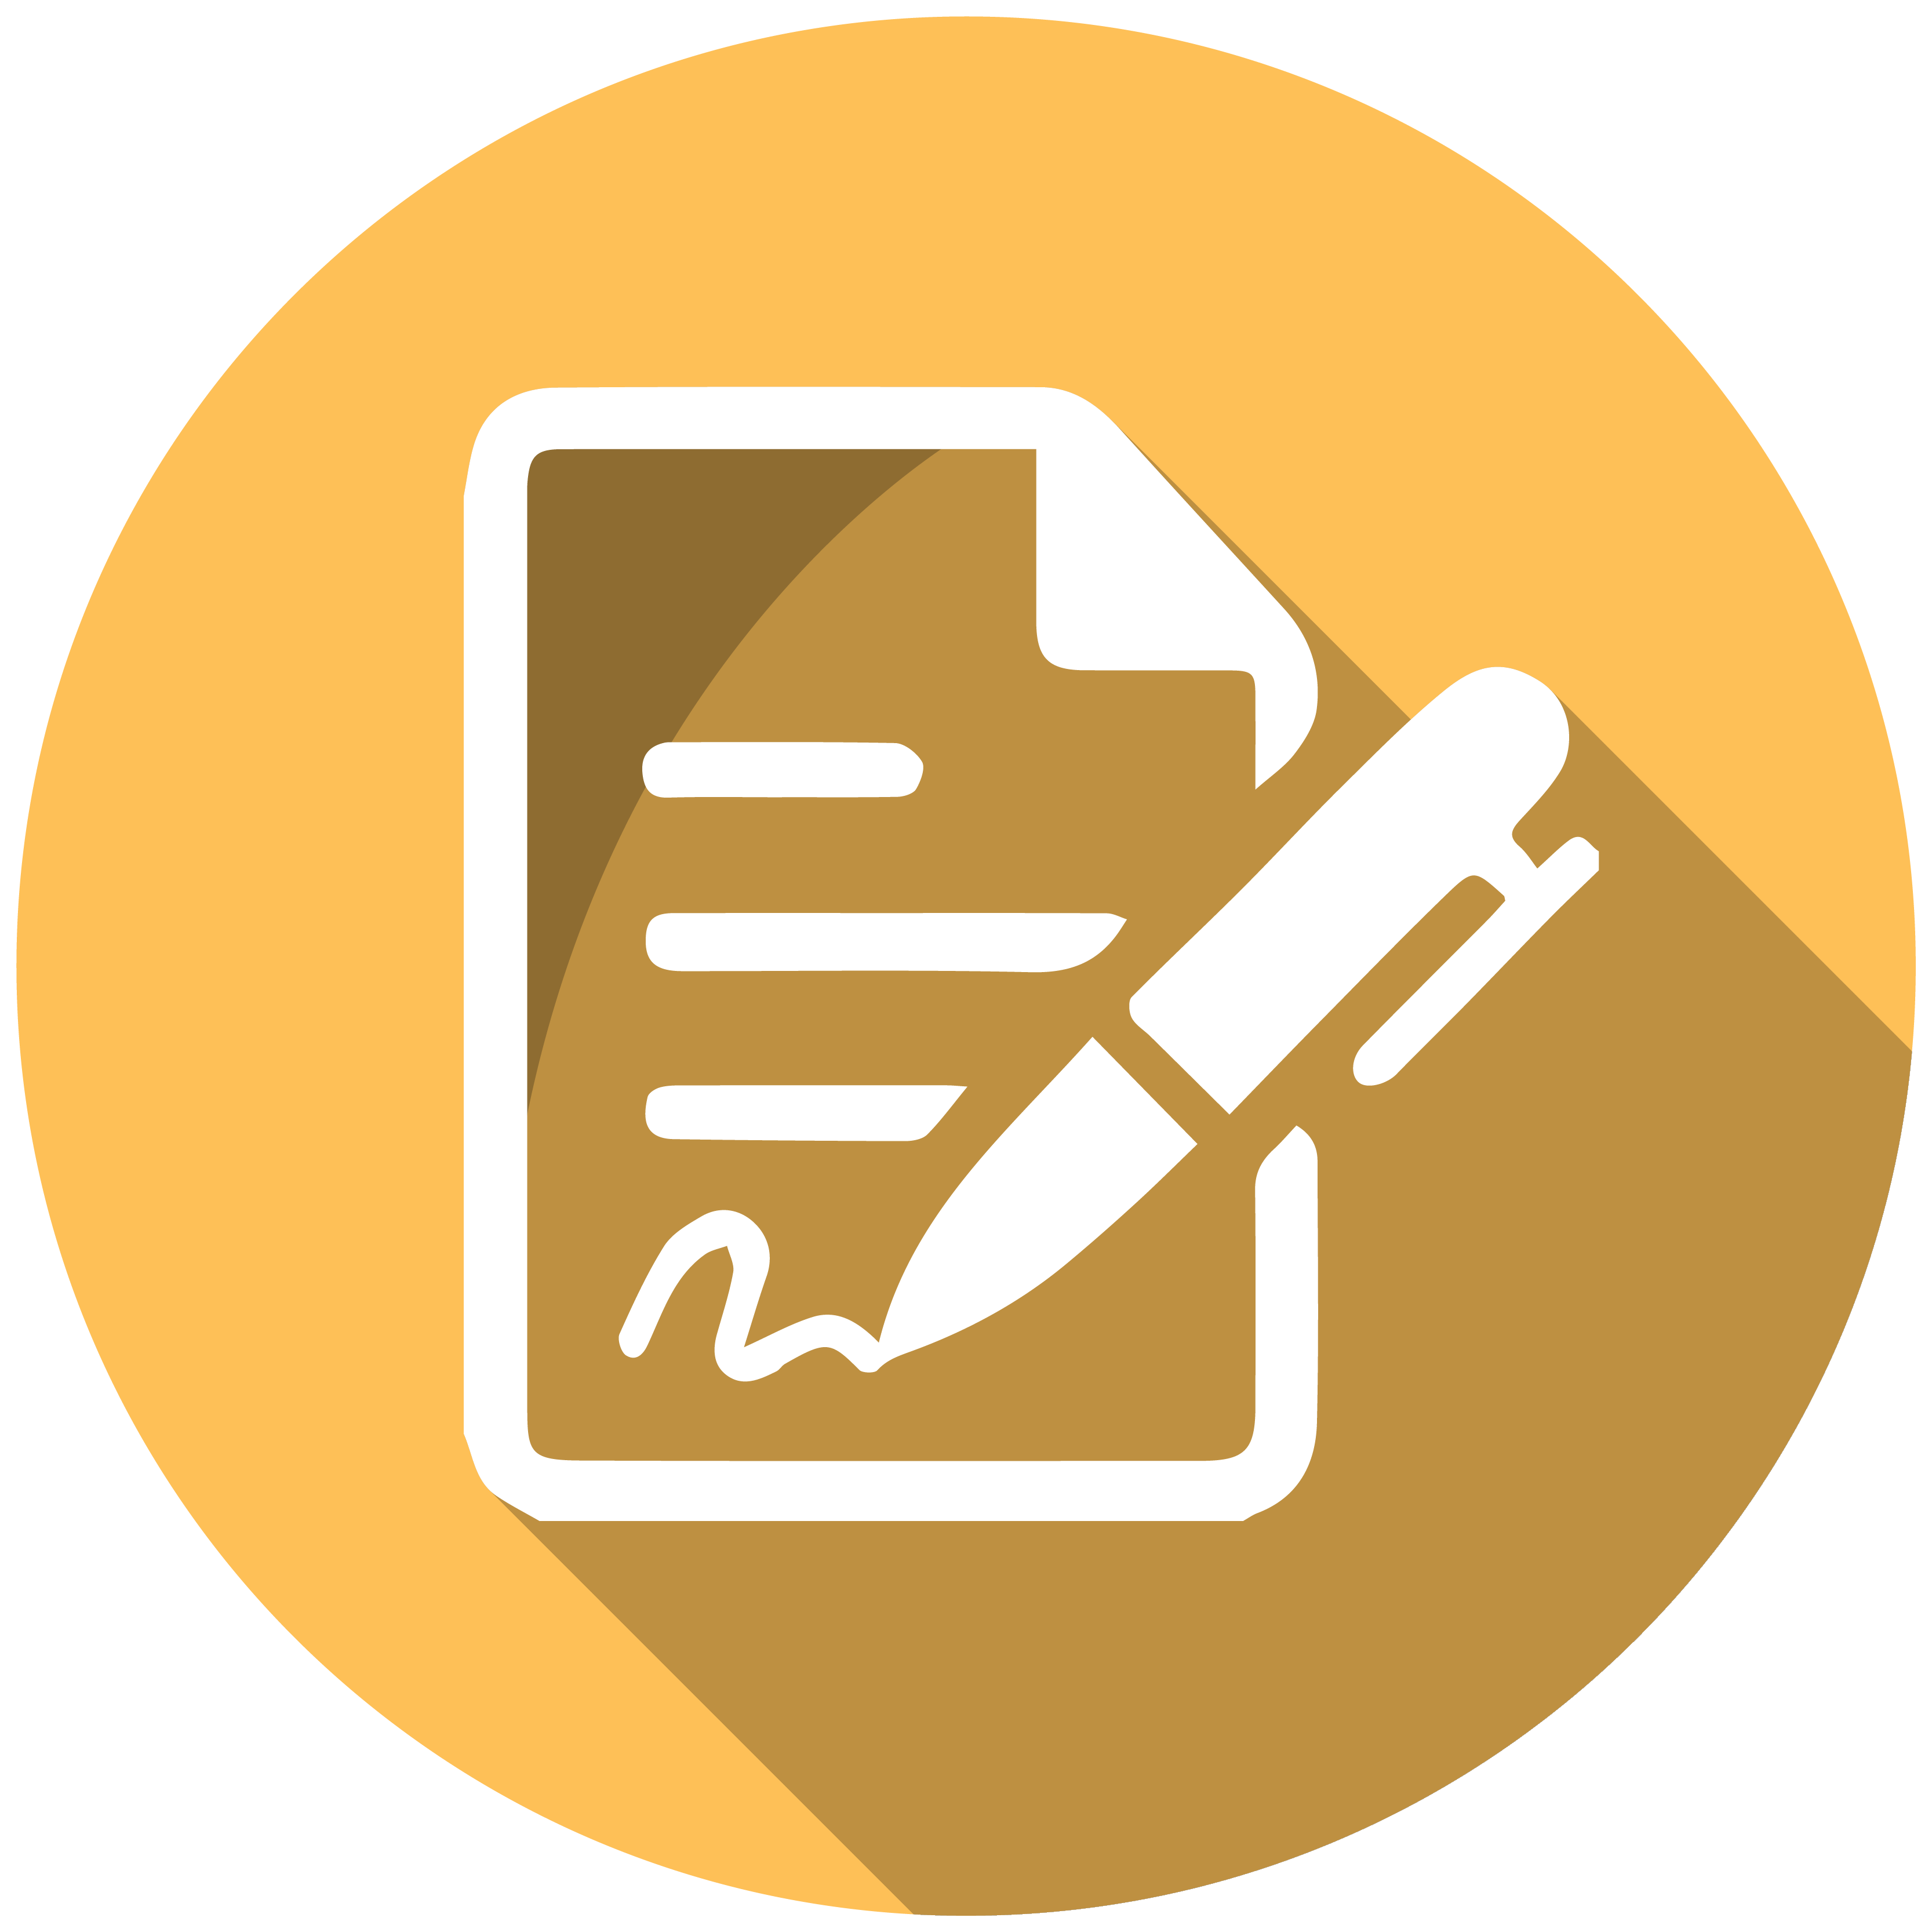 پاورپوینت فصل هشتم کتاب تئوری سازمان، ساختار و طرح سازمانی رابینز ترجمه الوانی و دانایی فرد